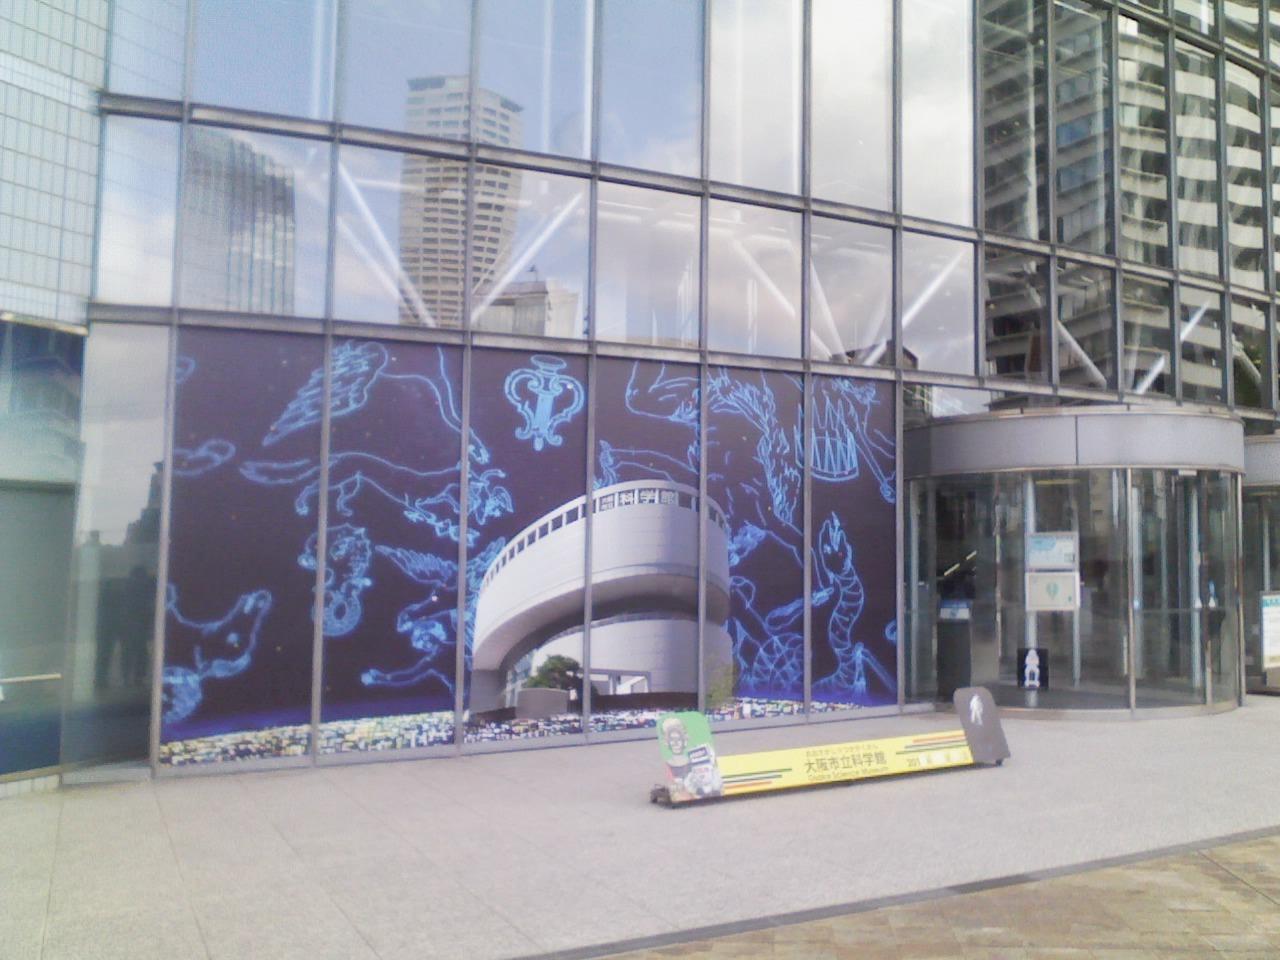 2017_01_13_大阪市立科学館